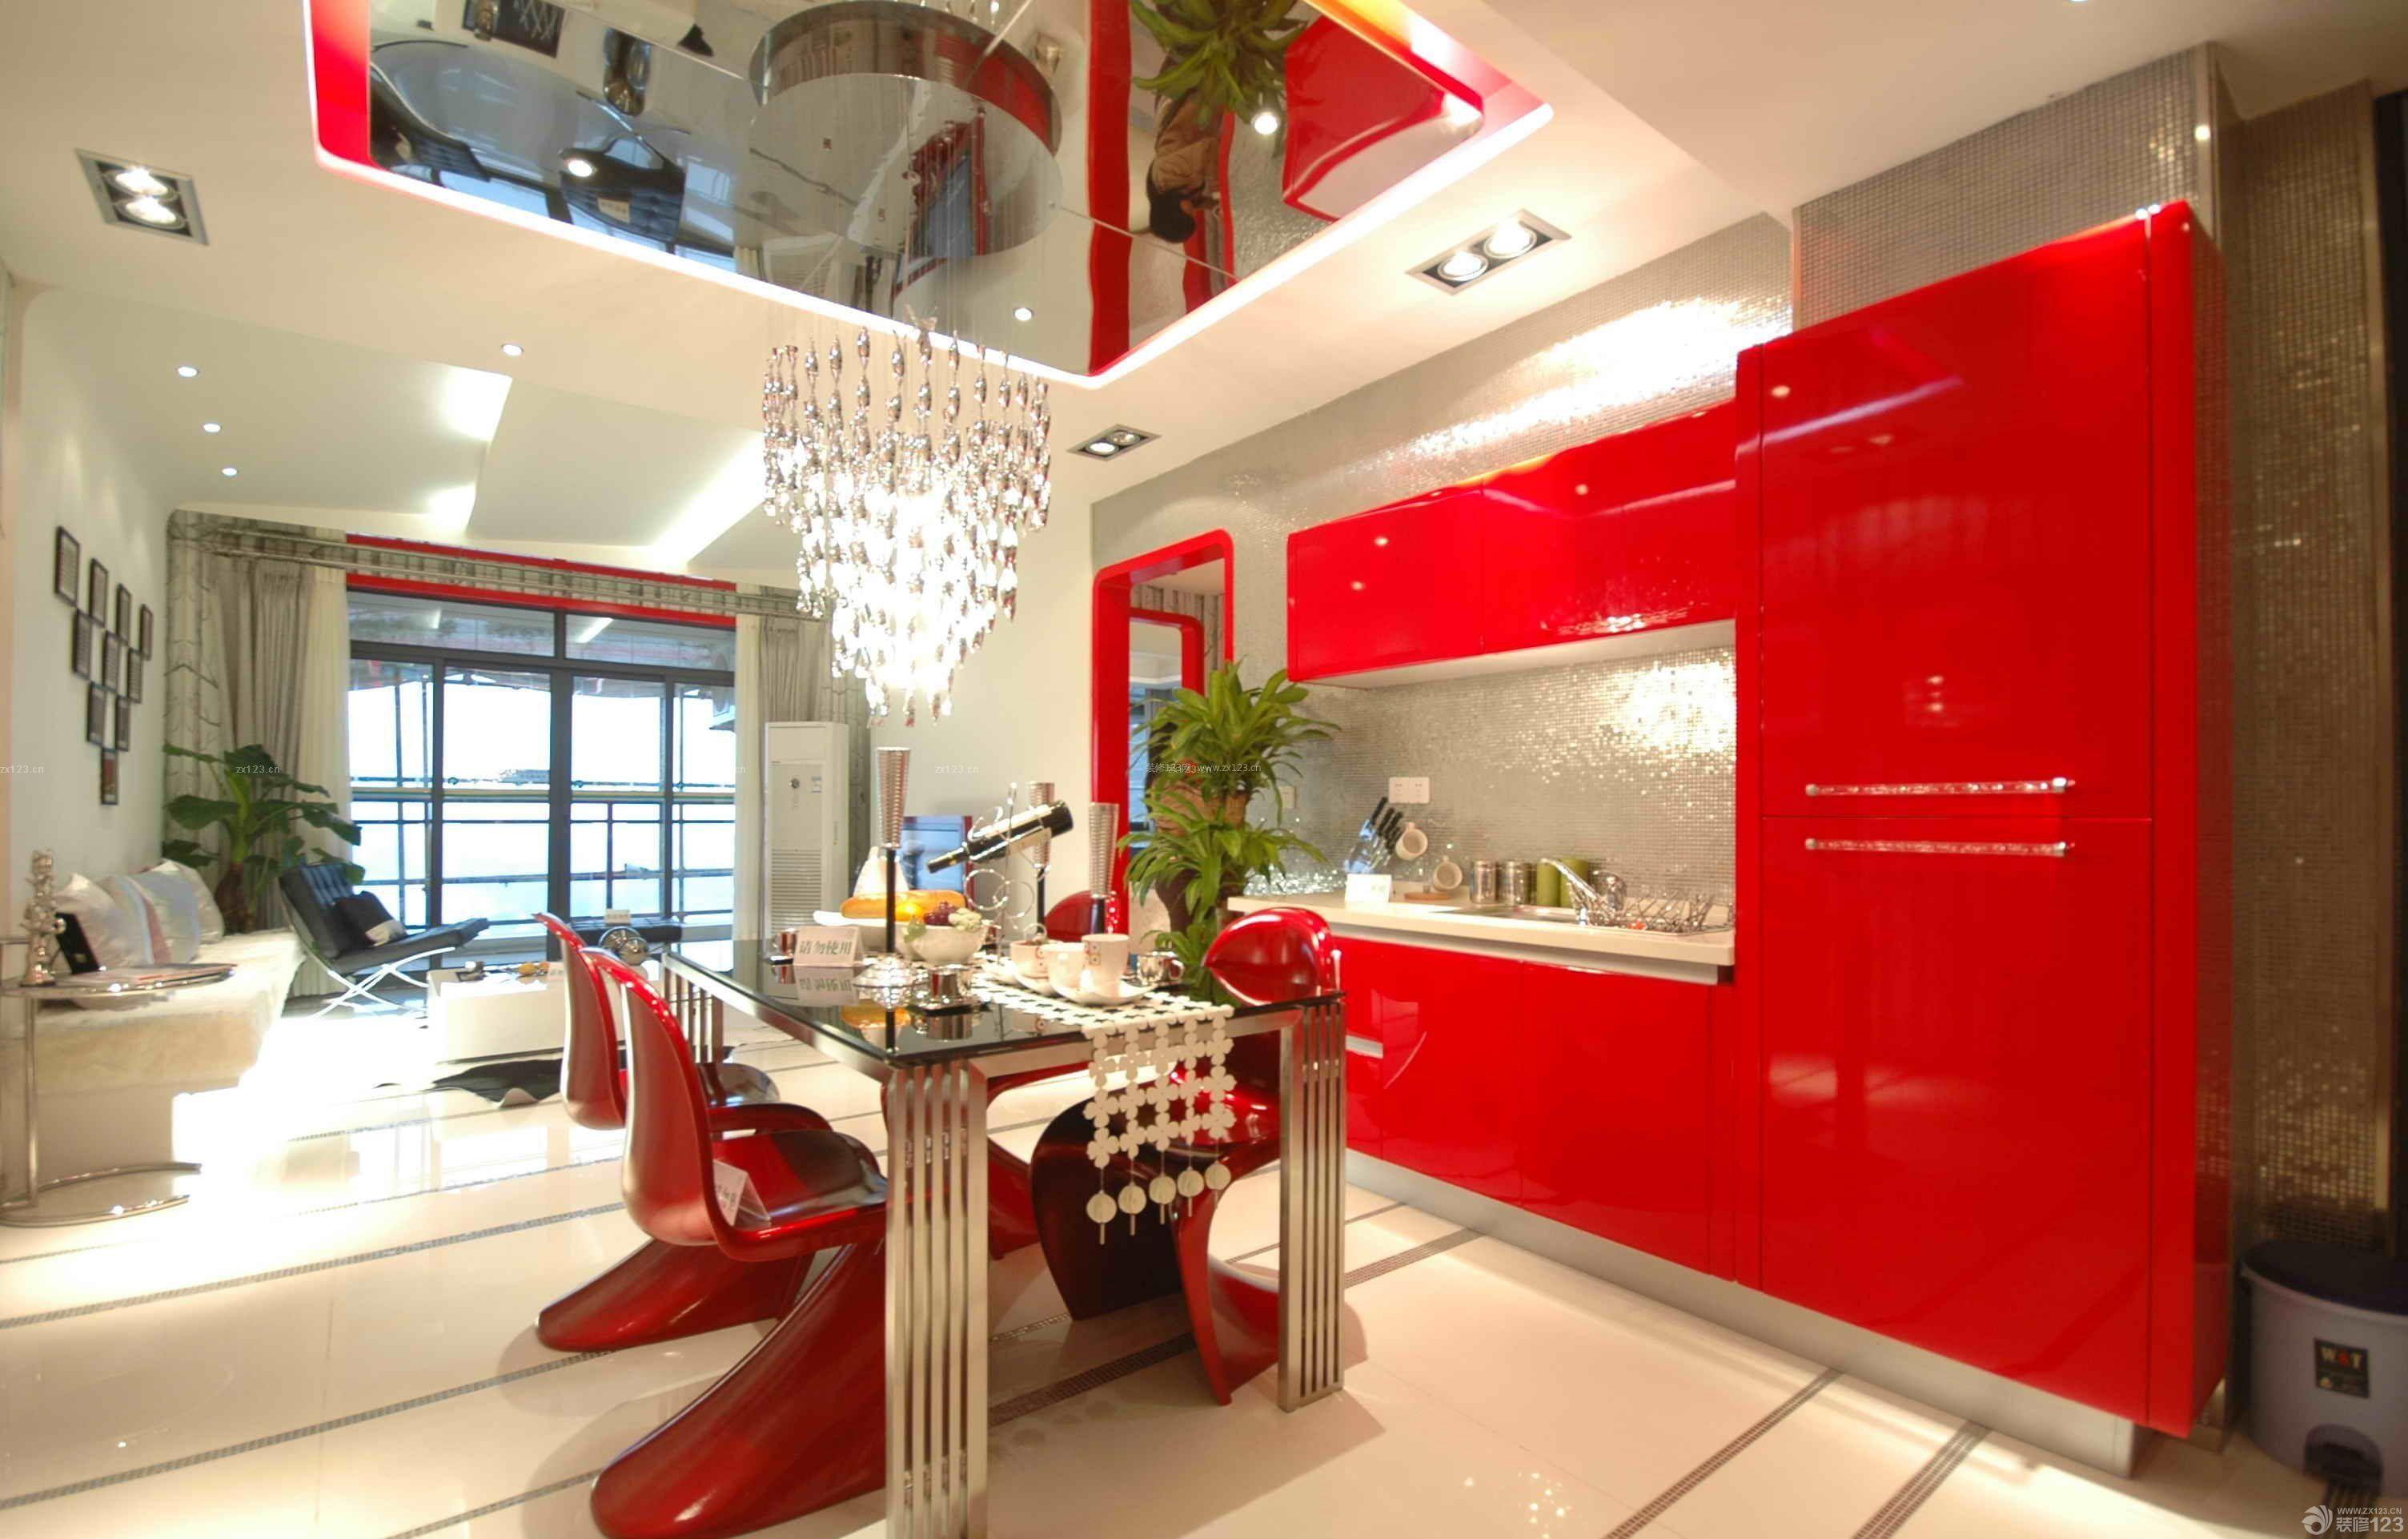 家装效果图 餐厅 餐厅背景墙红色壁纸装修效果图 提供者